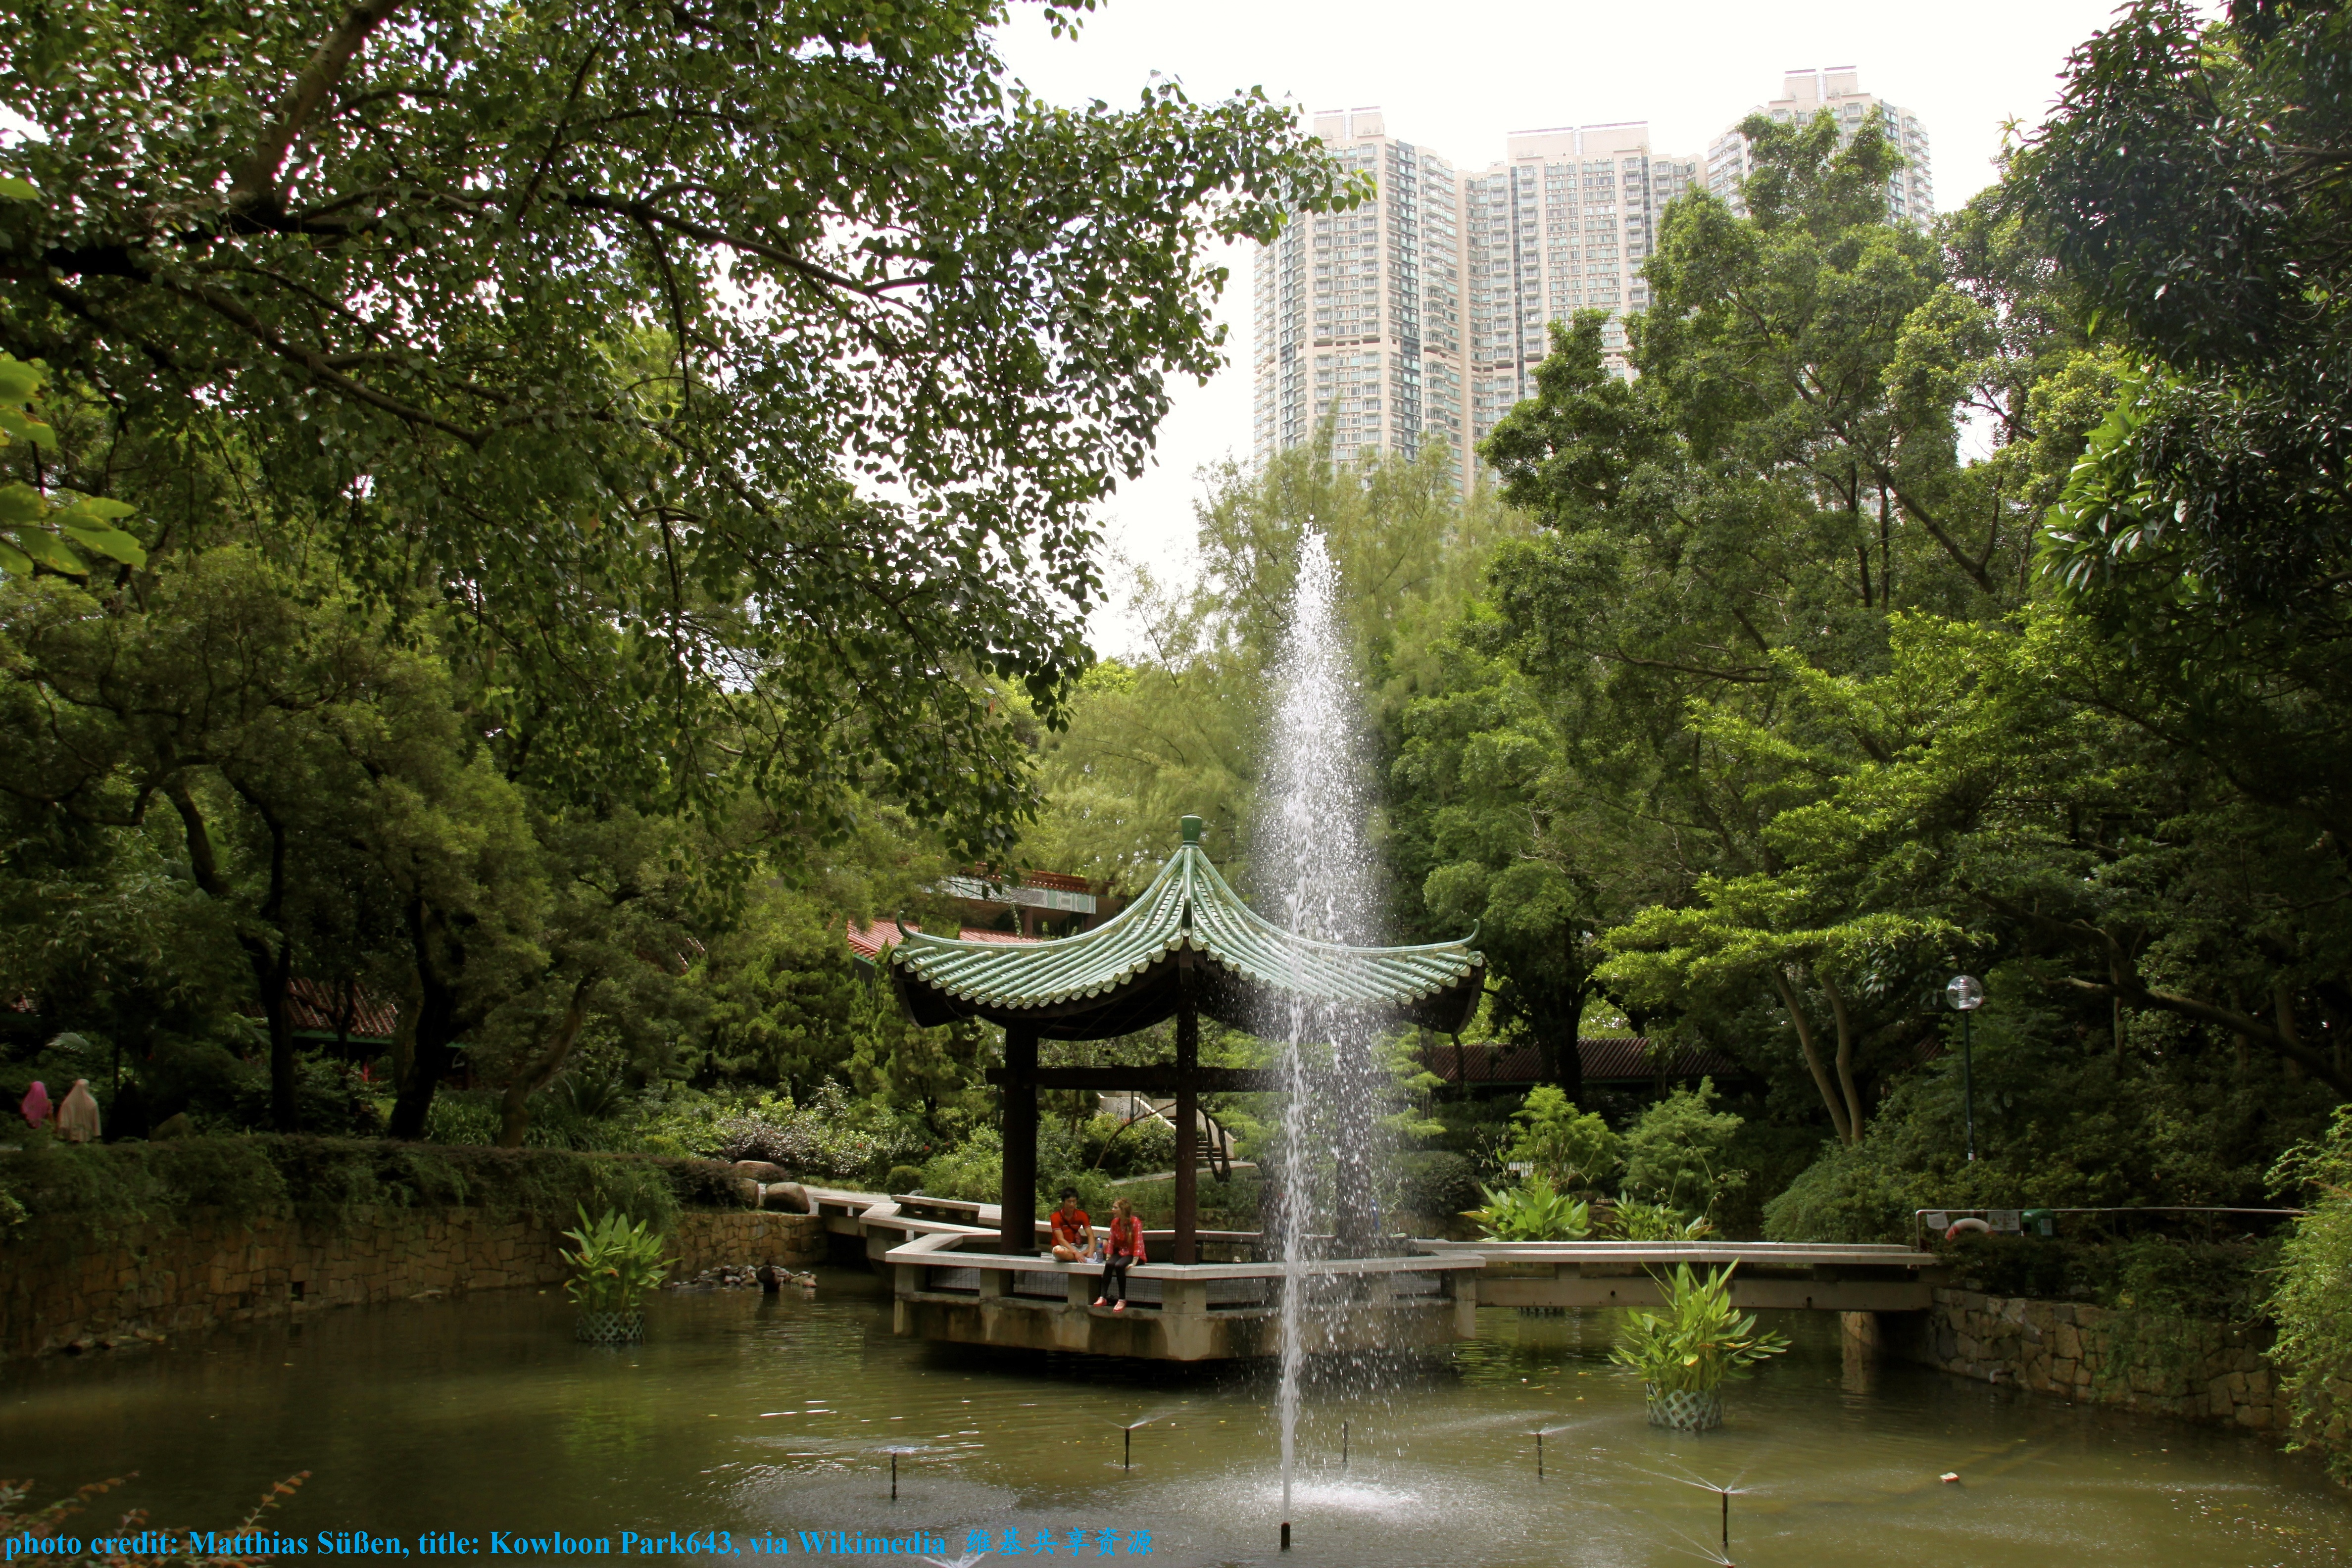 Kowloon_Park643